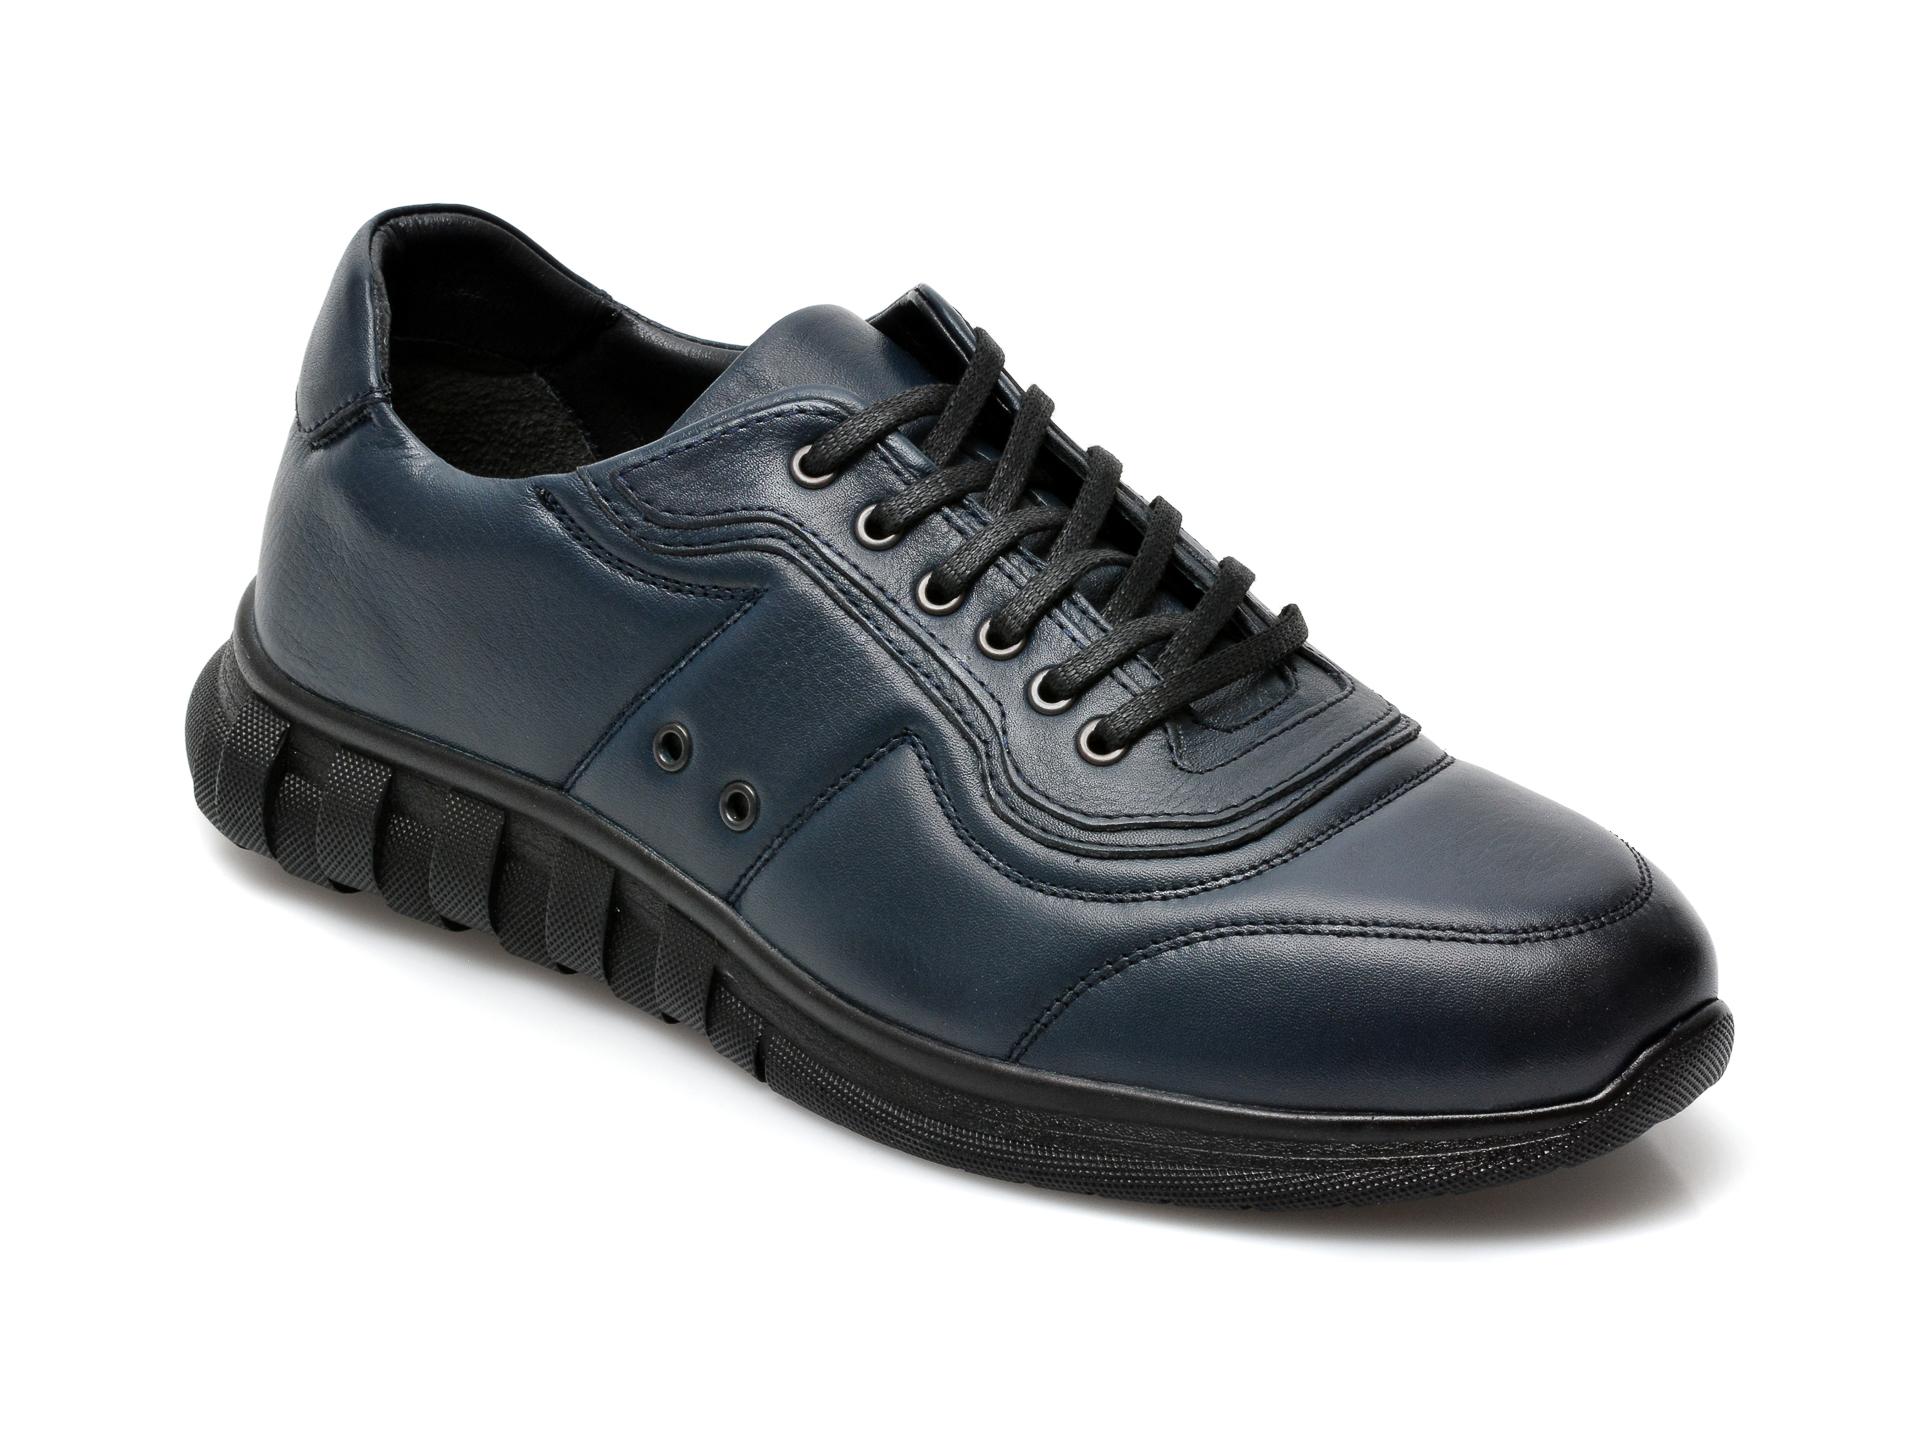 Pantofi GRYXX bleumarin, SYR103, din piele naturala imagine otter.ro 2021